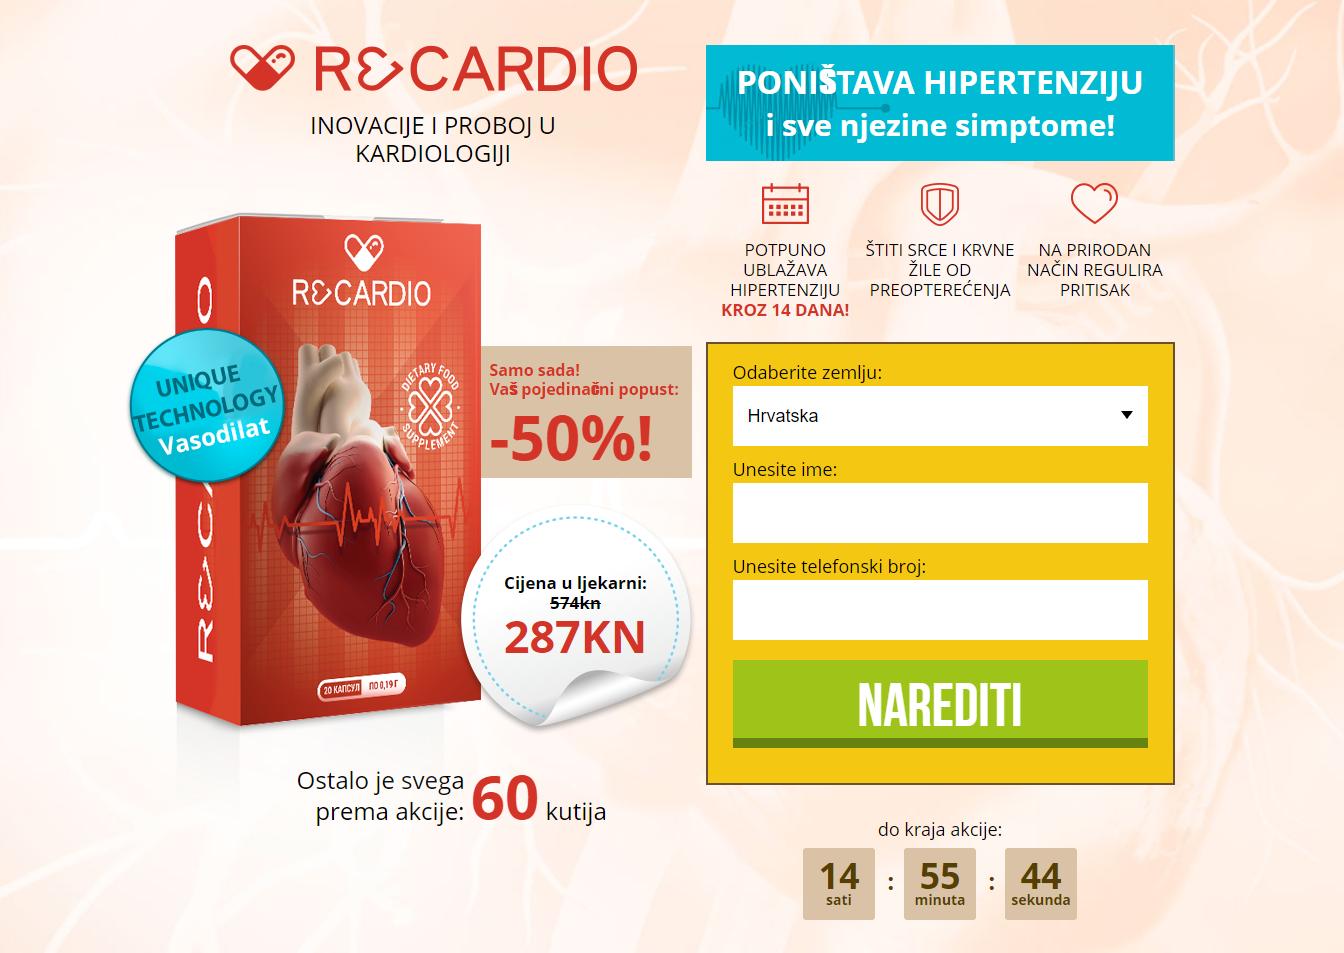 rekardio hipertenzija recenzije